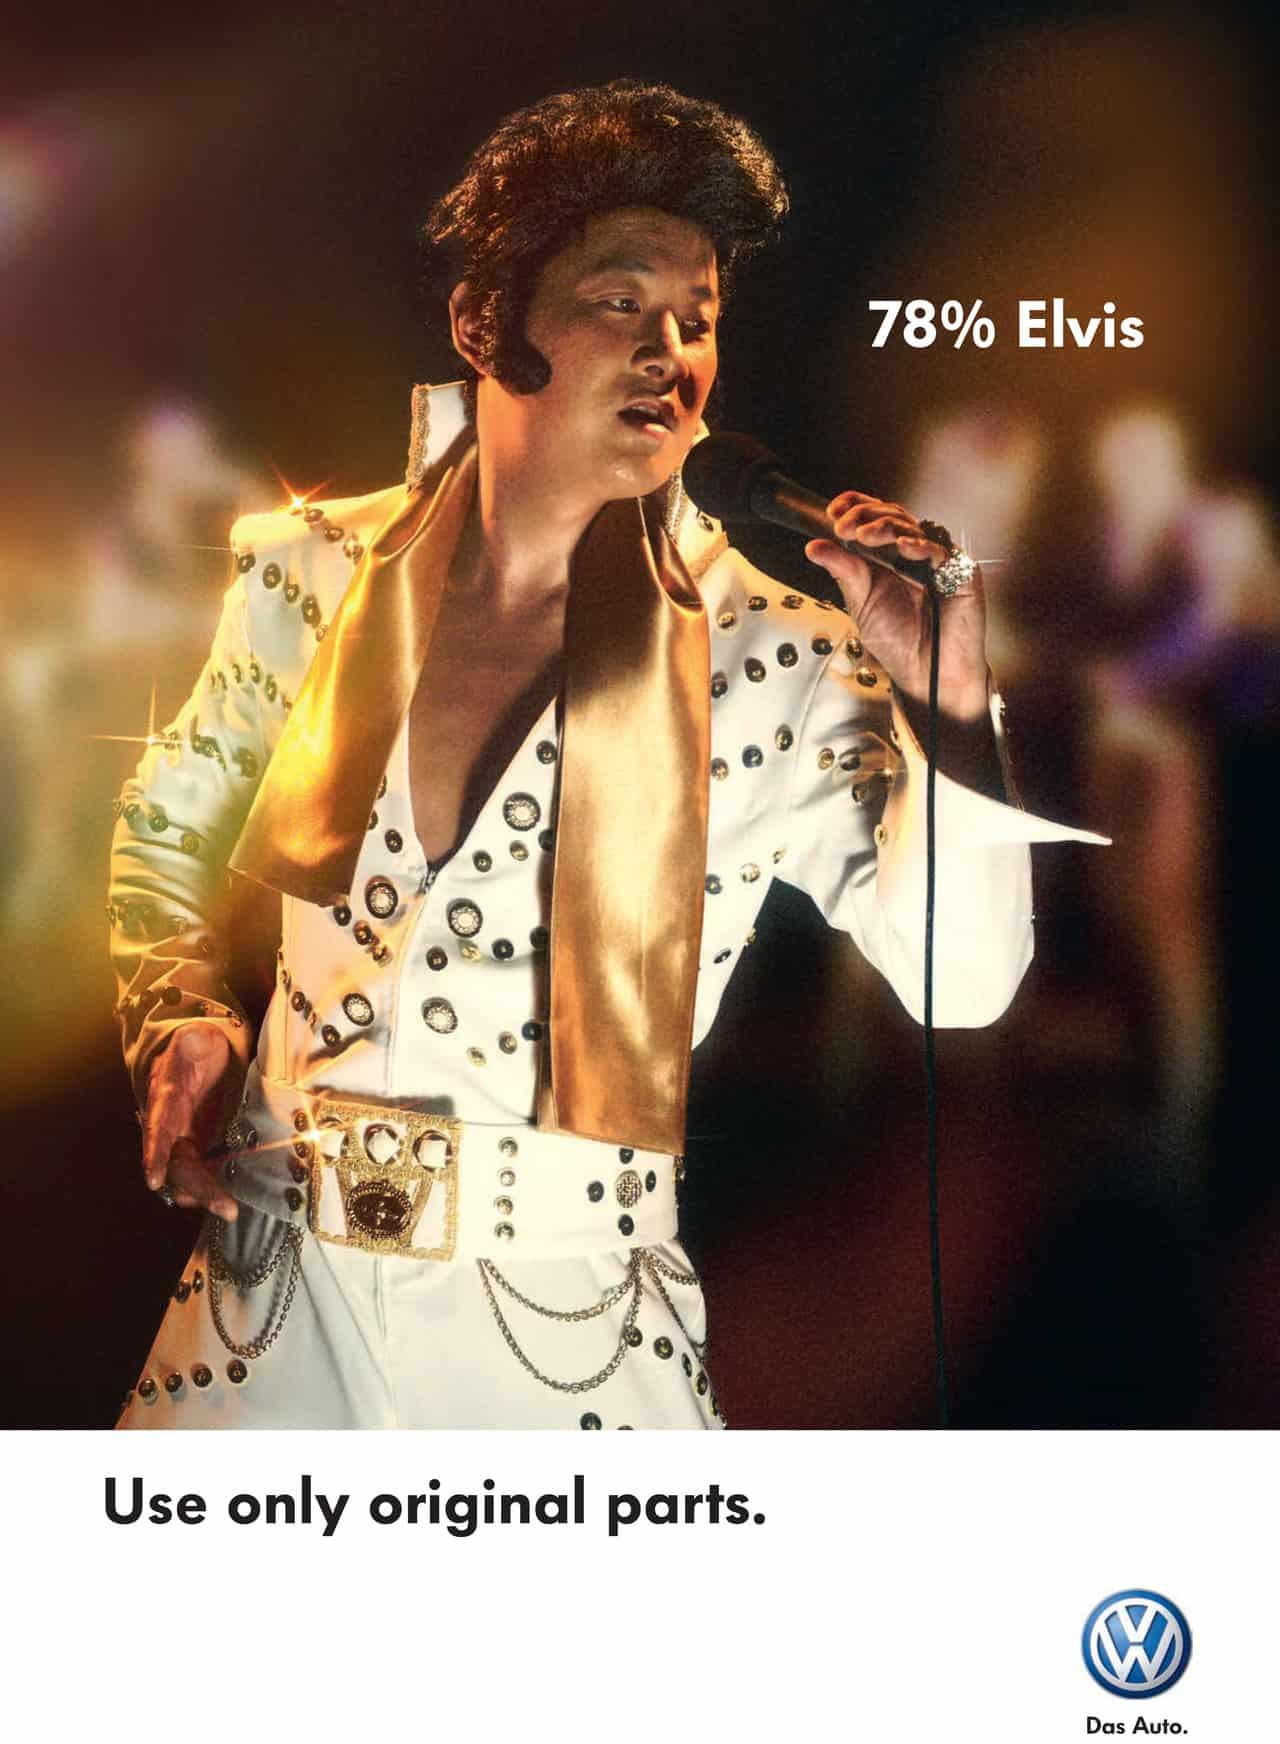 Pub Volkswagen : Elvis